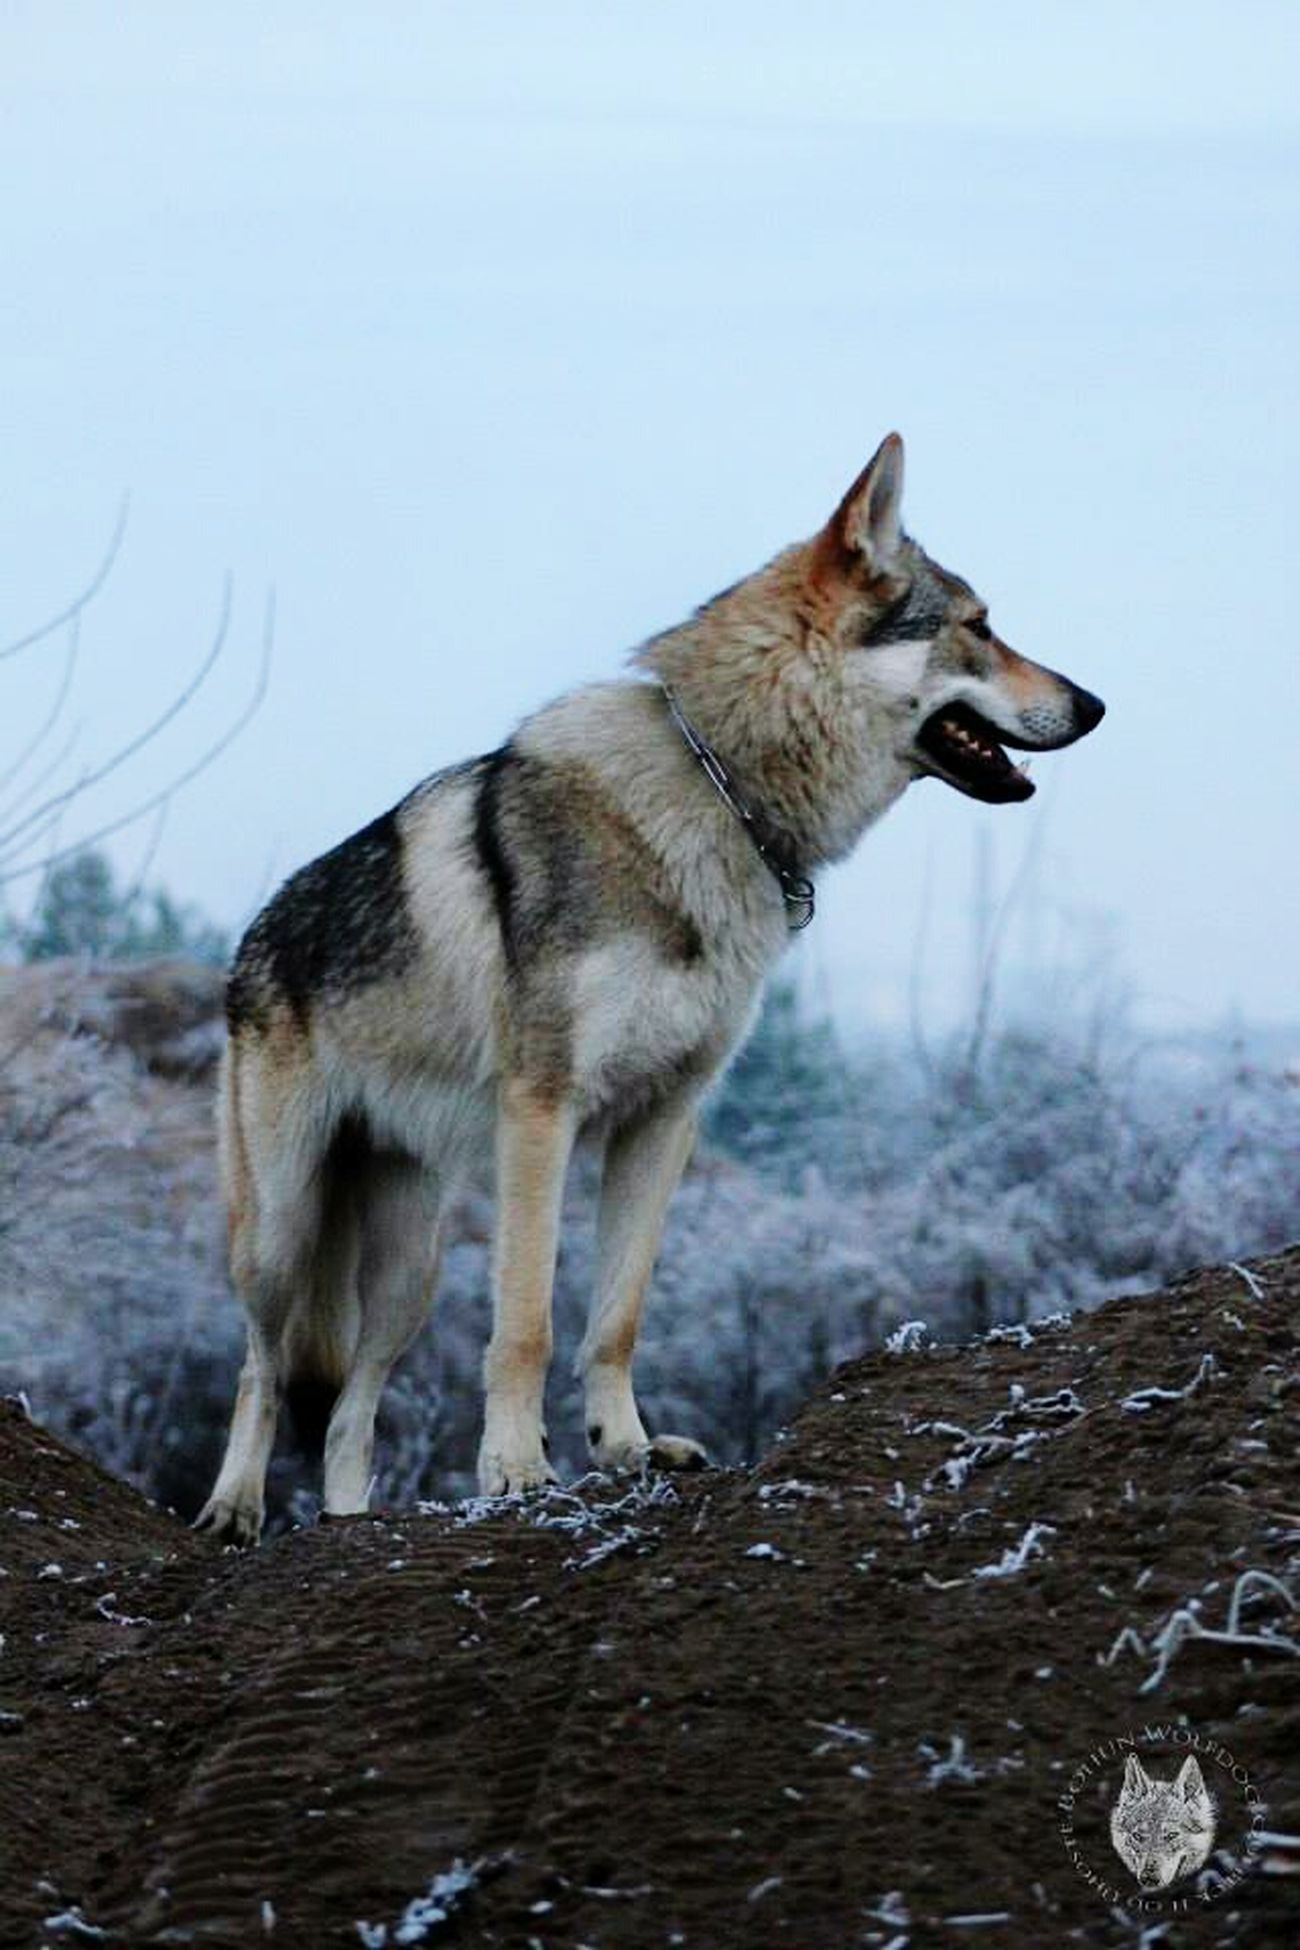 Canelupocecoslovacco Czechoslovakianwolfdog Csv Wolf BohunWolfdog Mypet Wolfdogs